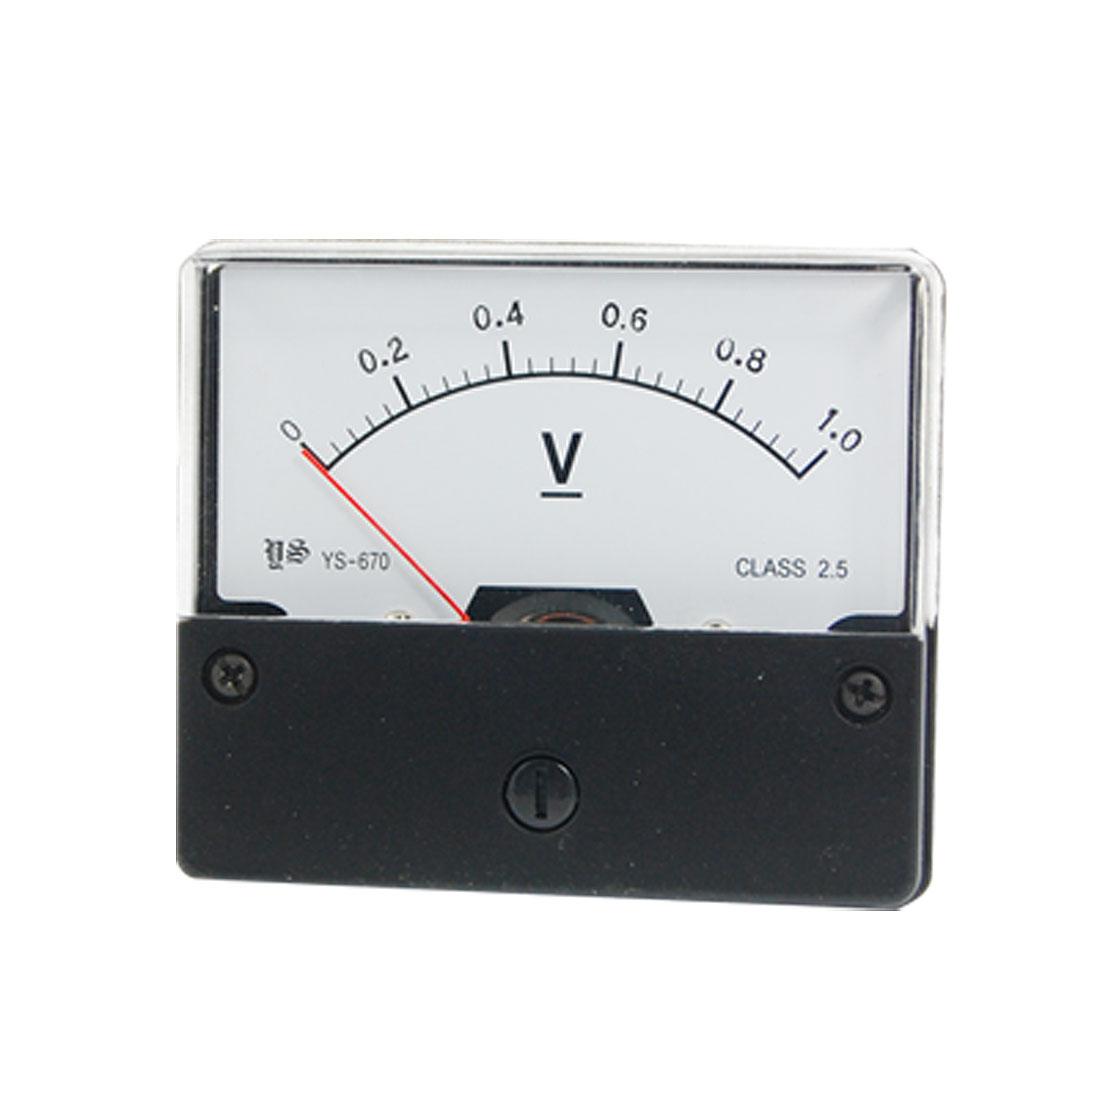 YS-670 DC 1V Rectangle Analog Volt Voltmeter Panel Meter Gauge